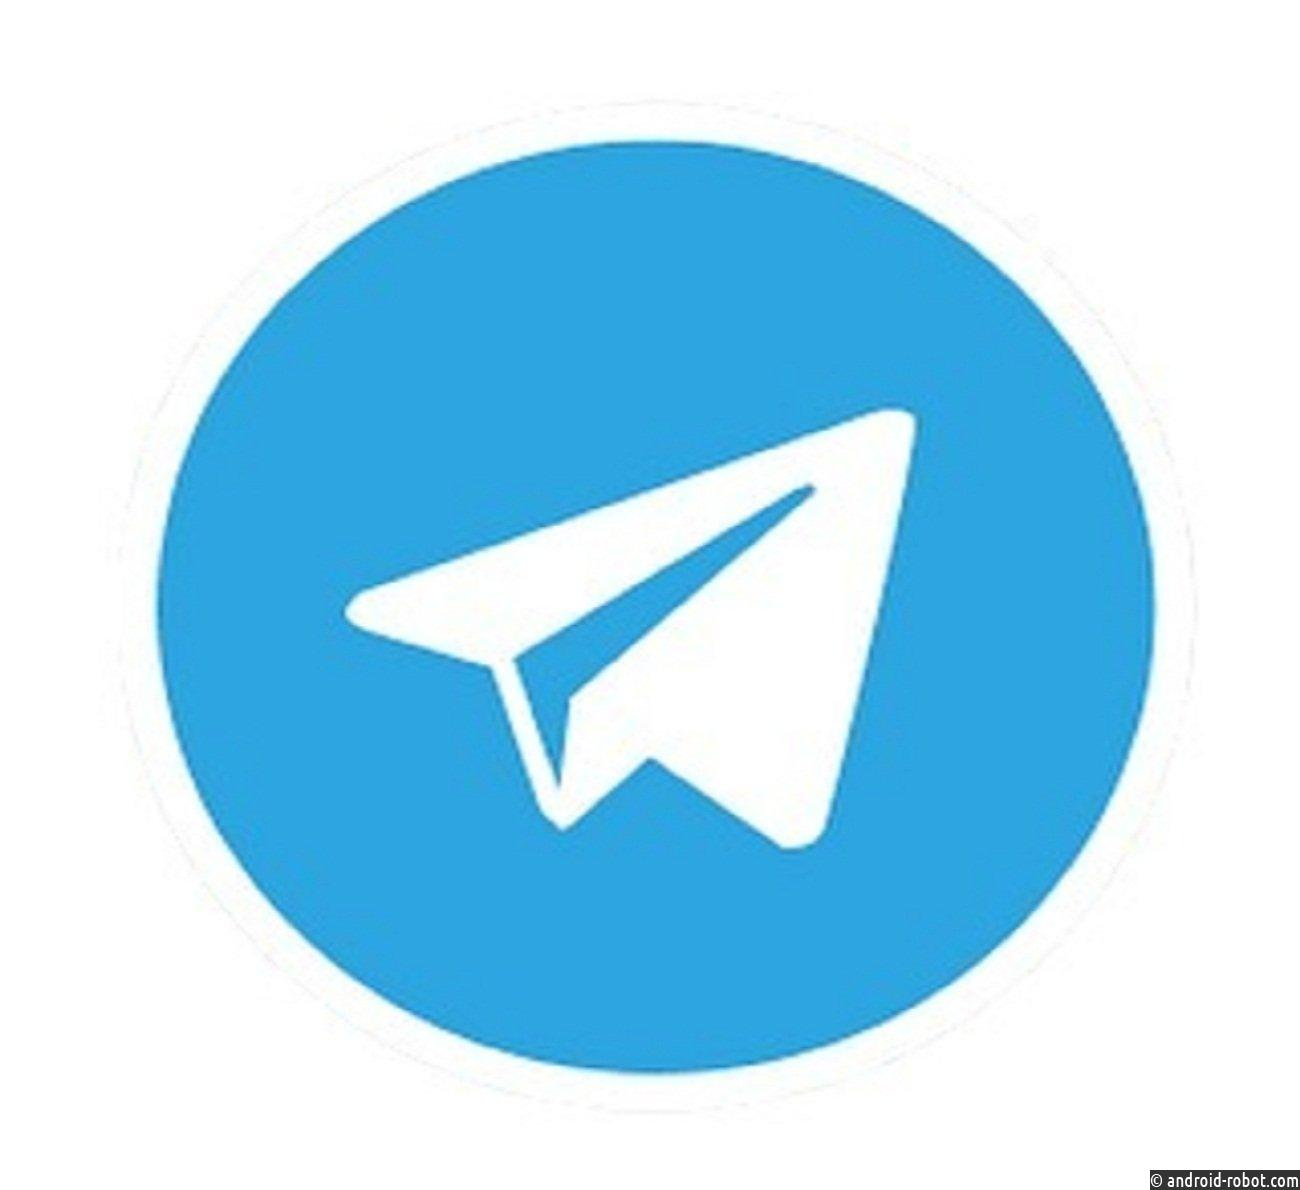 Telegram сохраняет переписку внезашифрованном виде. Павел Дуров: так идолжно быть